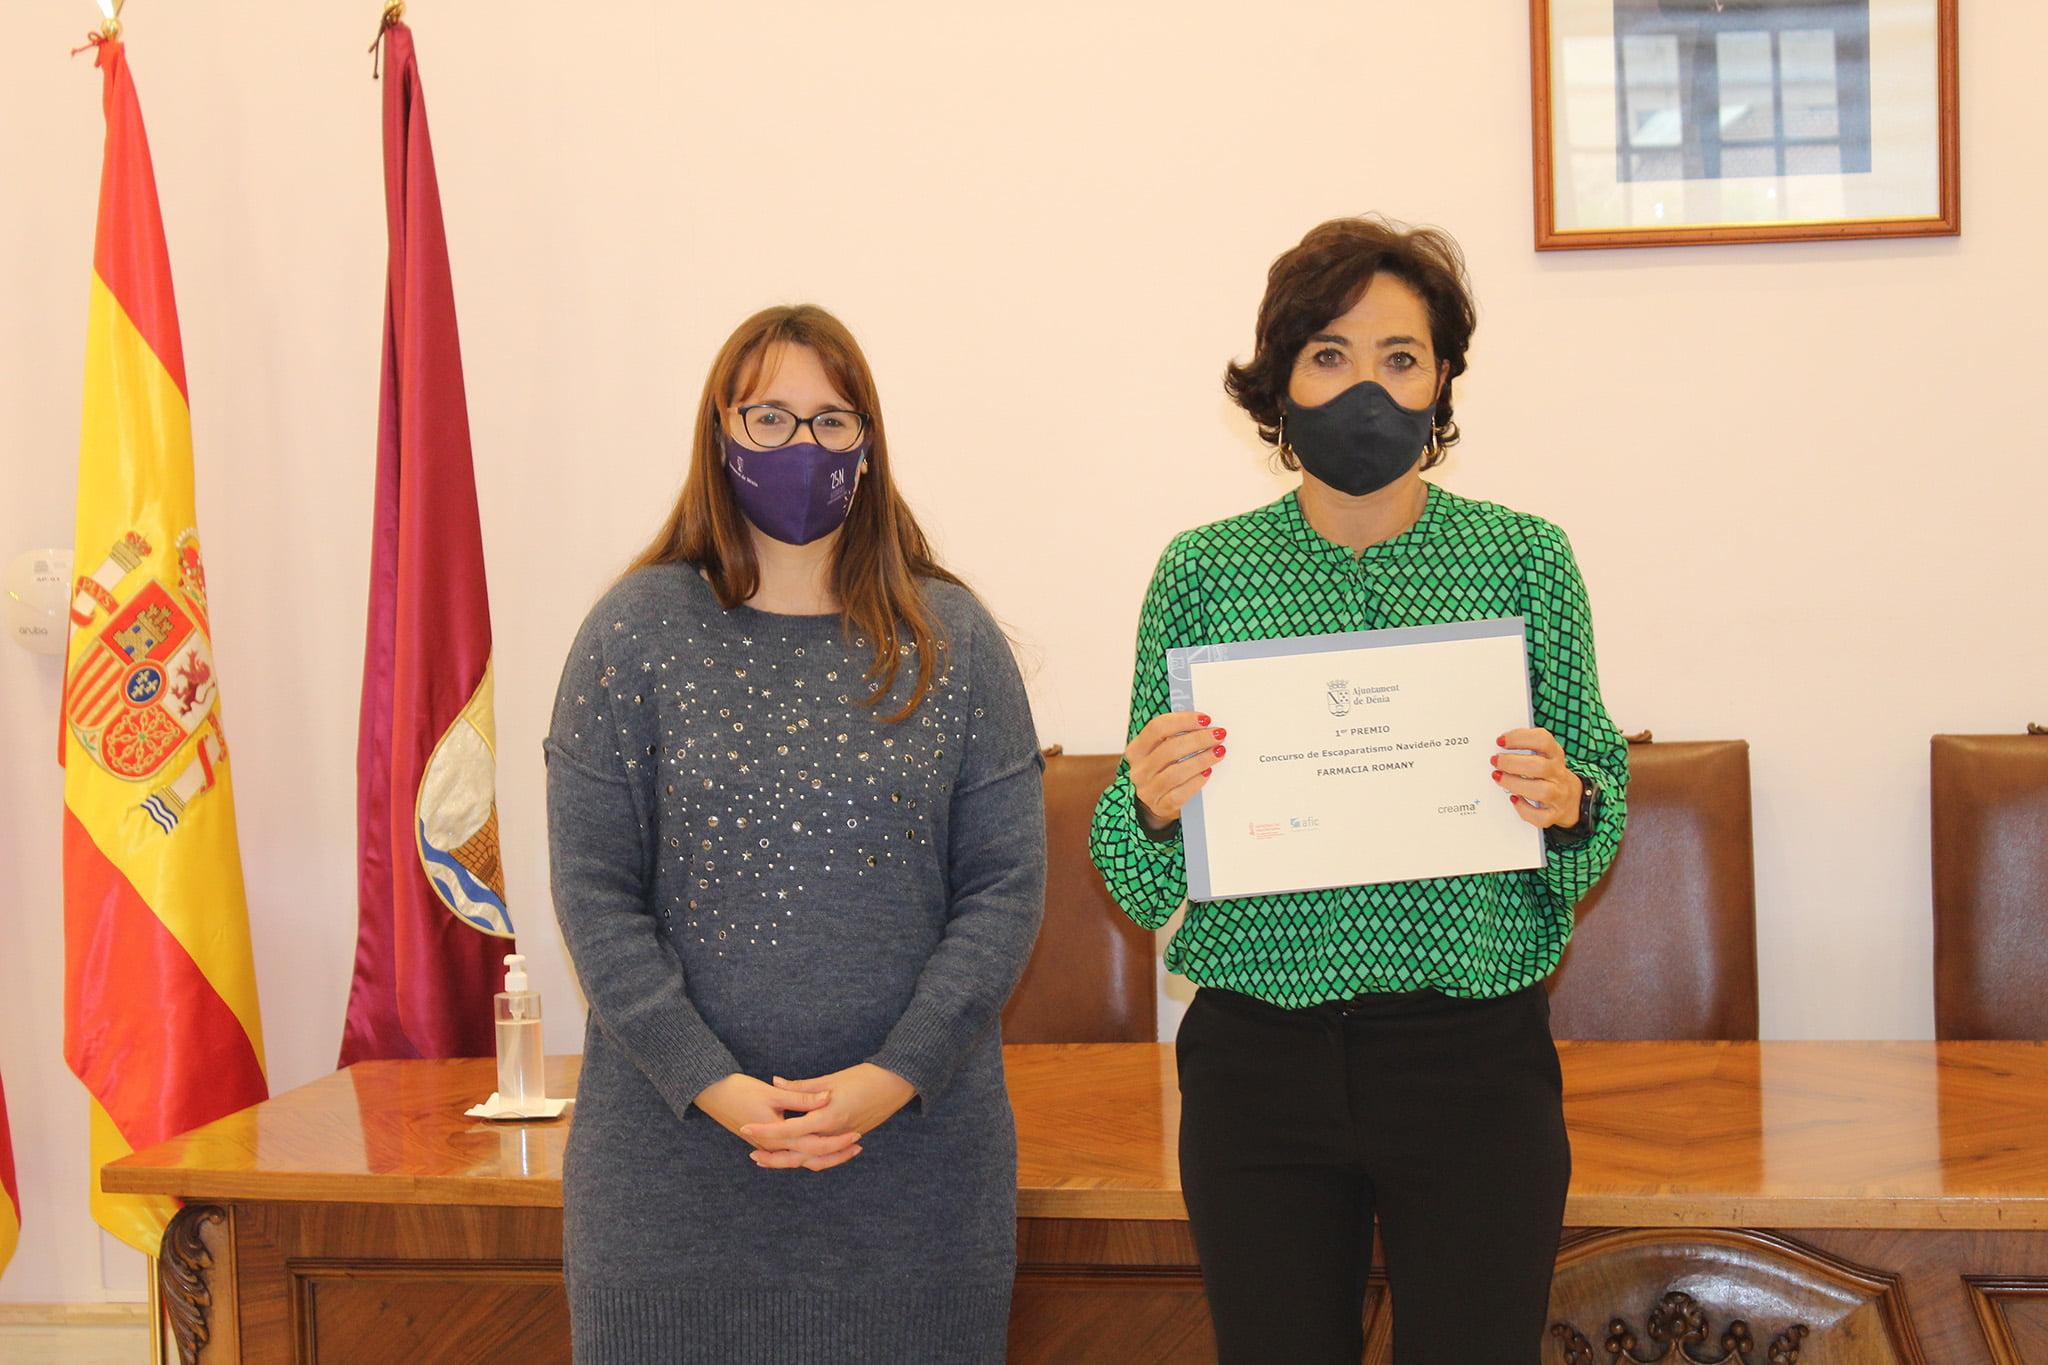 Entrega del primer premio del concurso de ambientación navideña